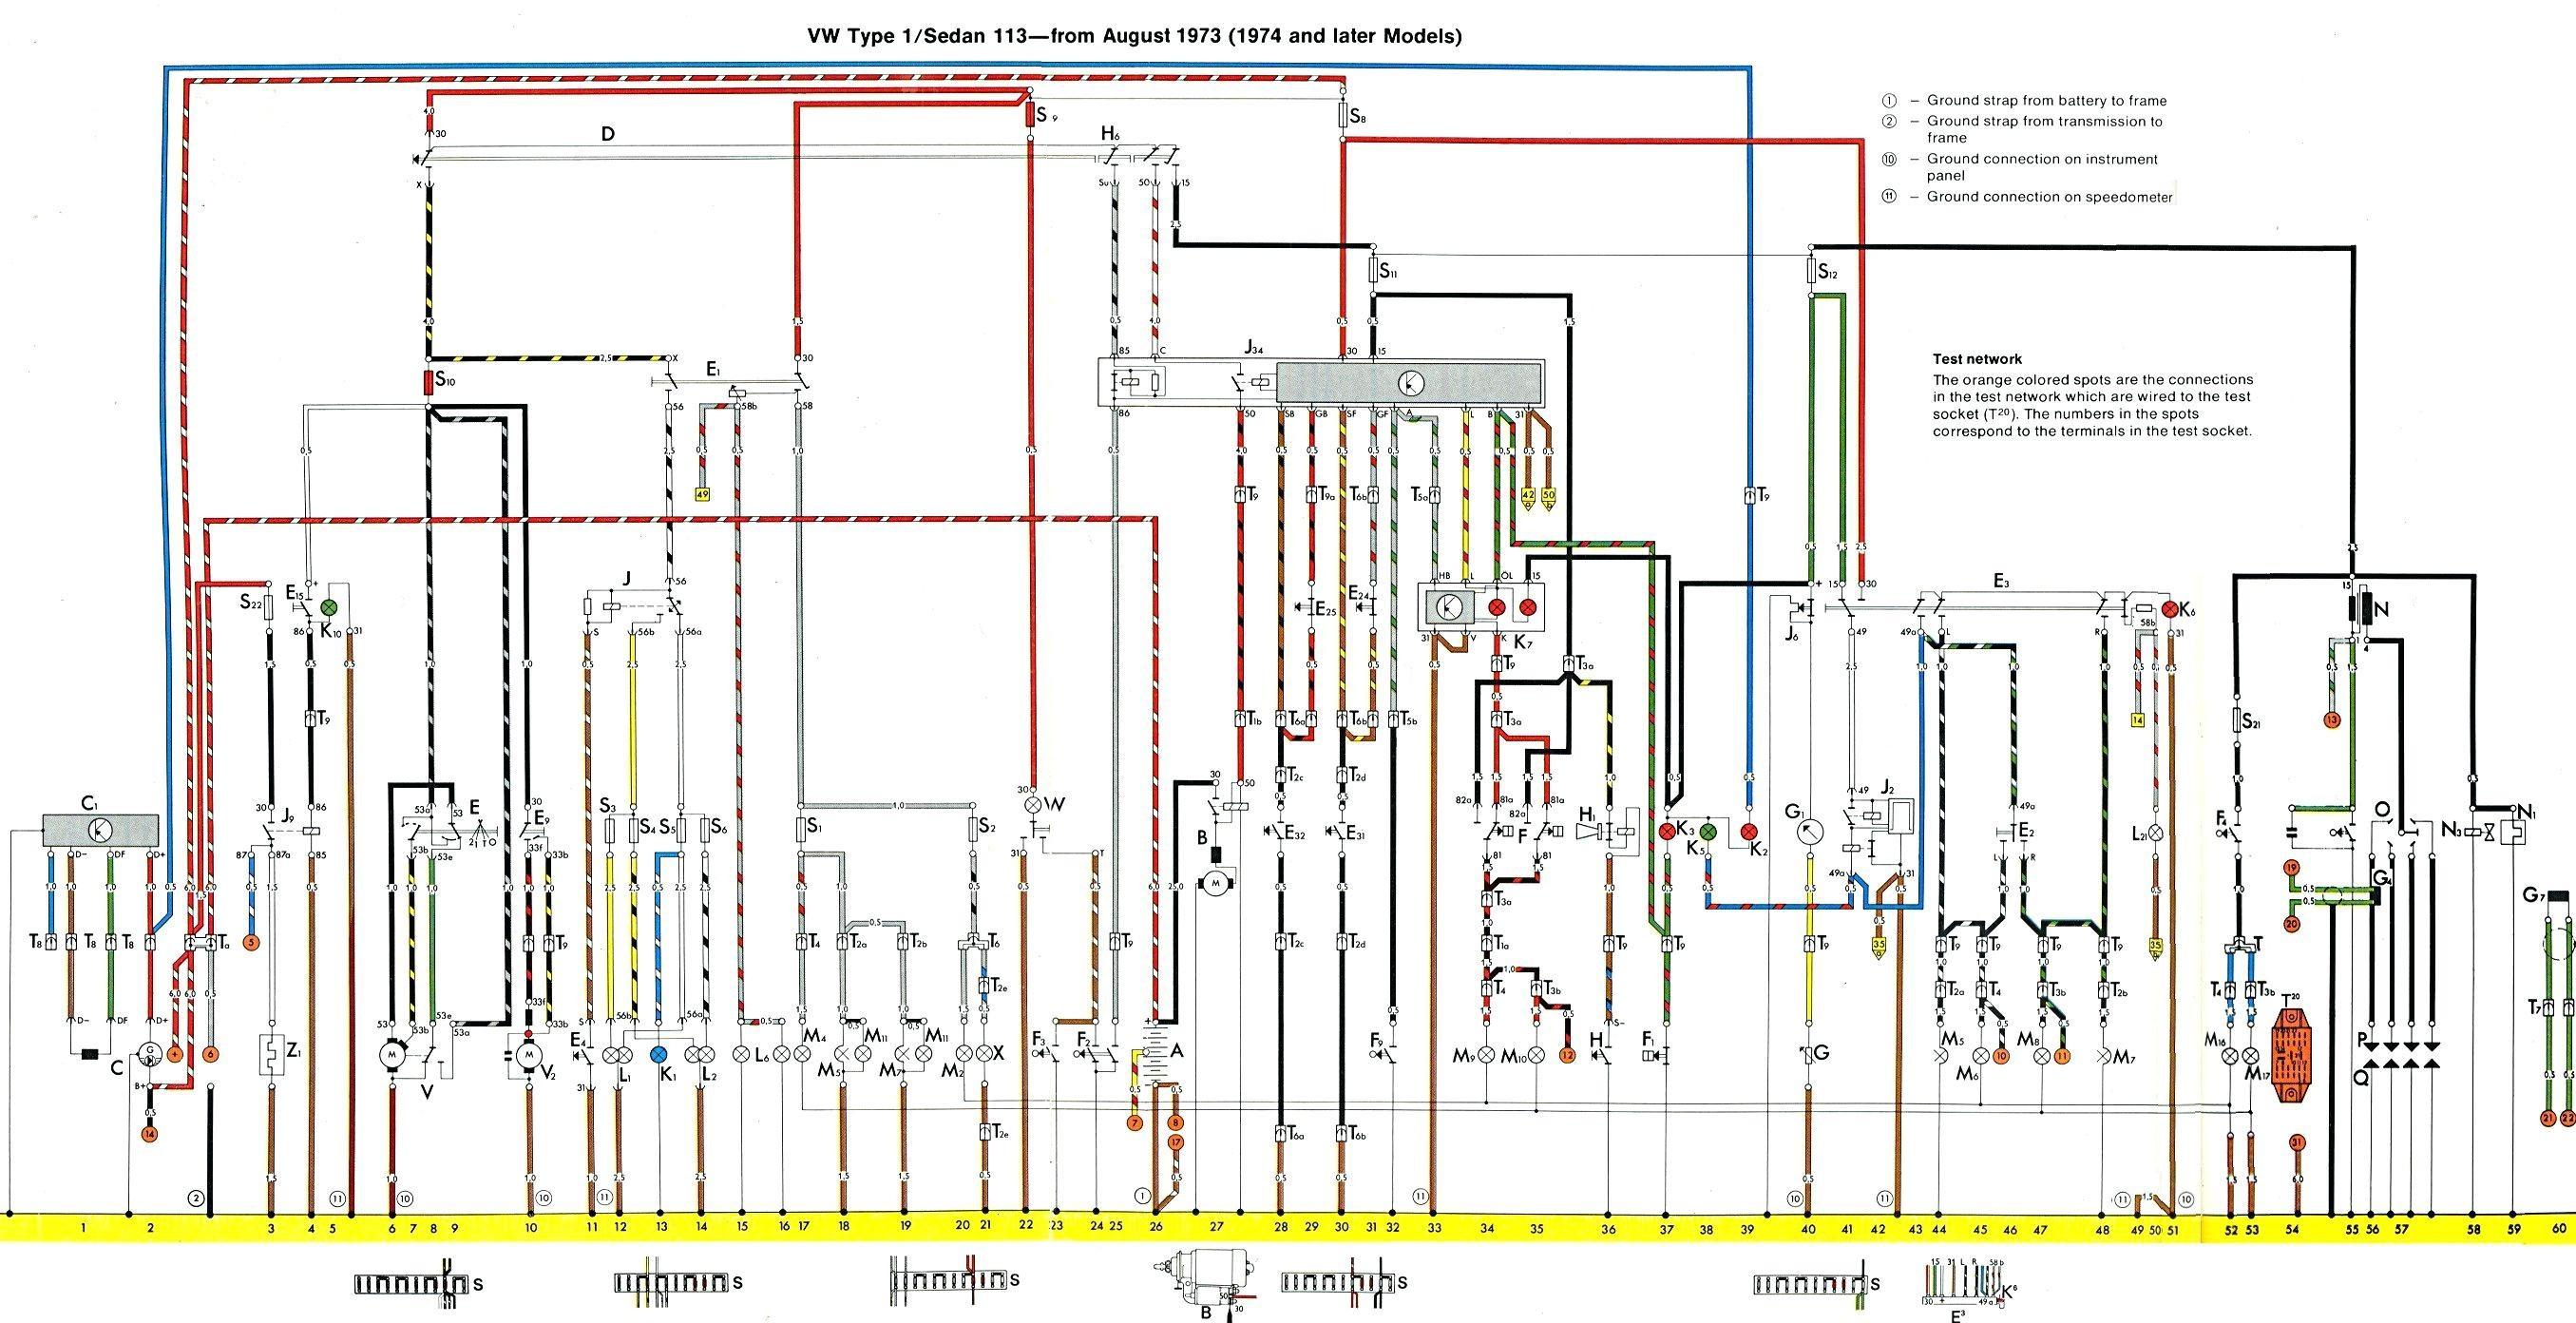 1979 Vw Beetle Fuse Diagram | Wiring Diagram